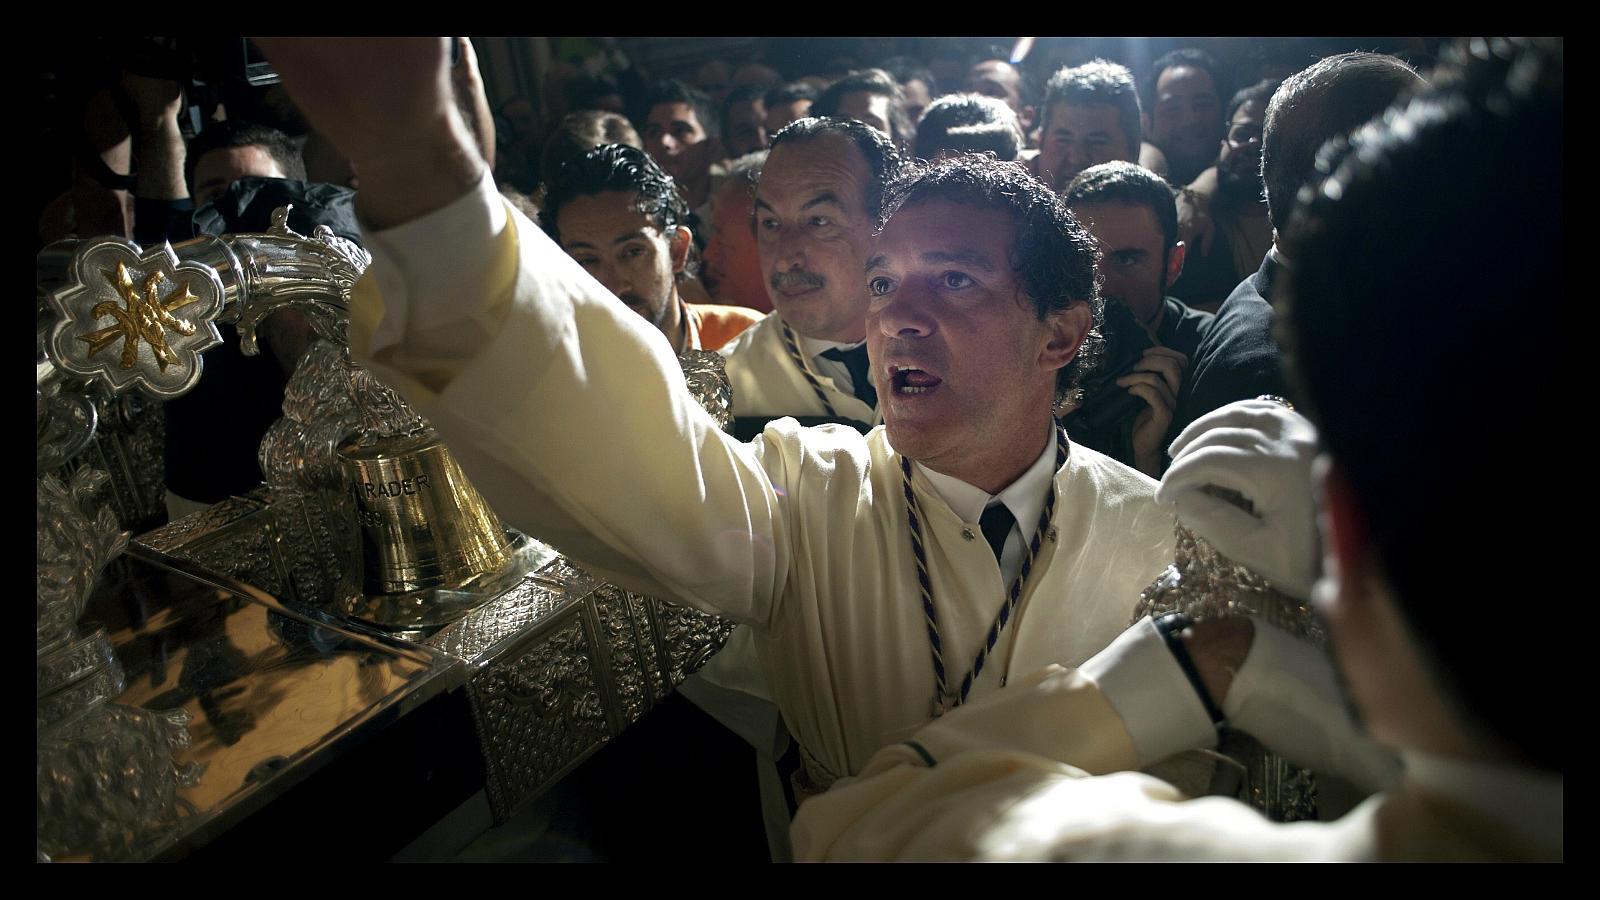 Antonio Banderas poco antes de salir en procesión en Málaga